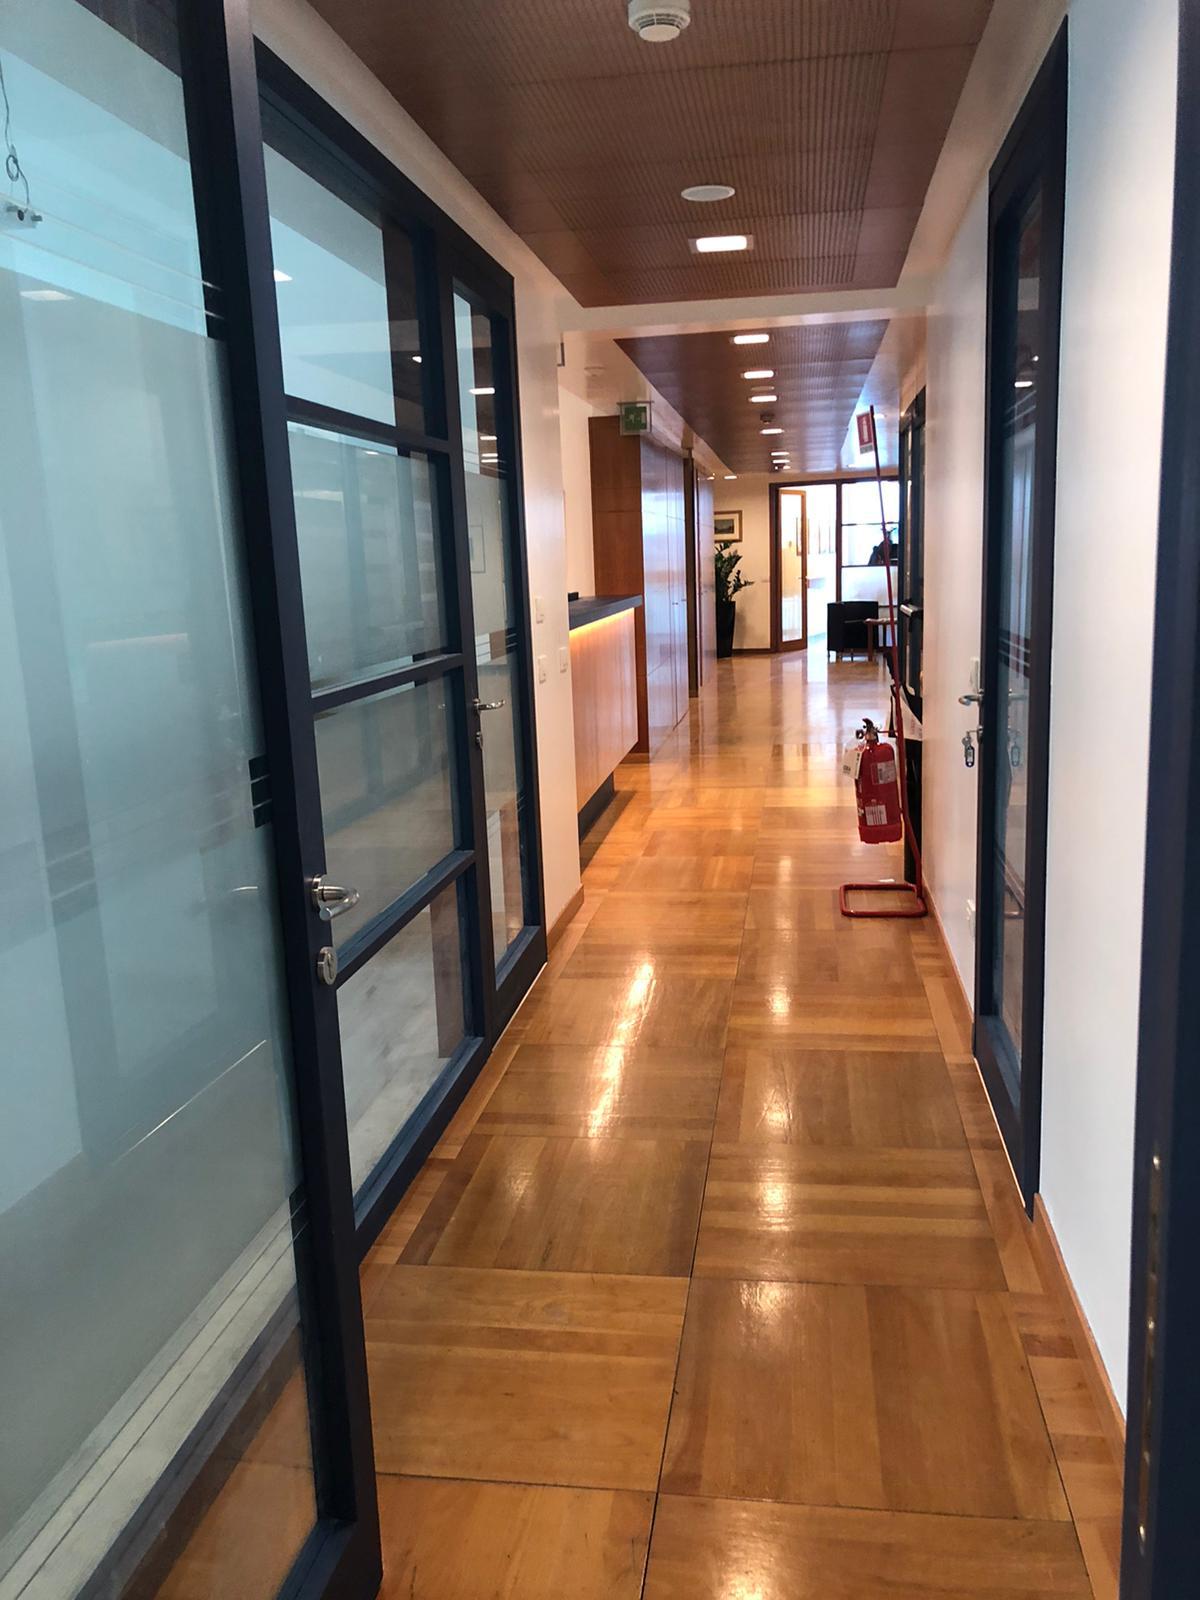 8. Corridoio uffici in parquet di legno posati a cassettoni regolari, illuminazione led a soffitto e porte vetrate satinate: lavori ultimati.